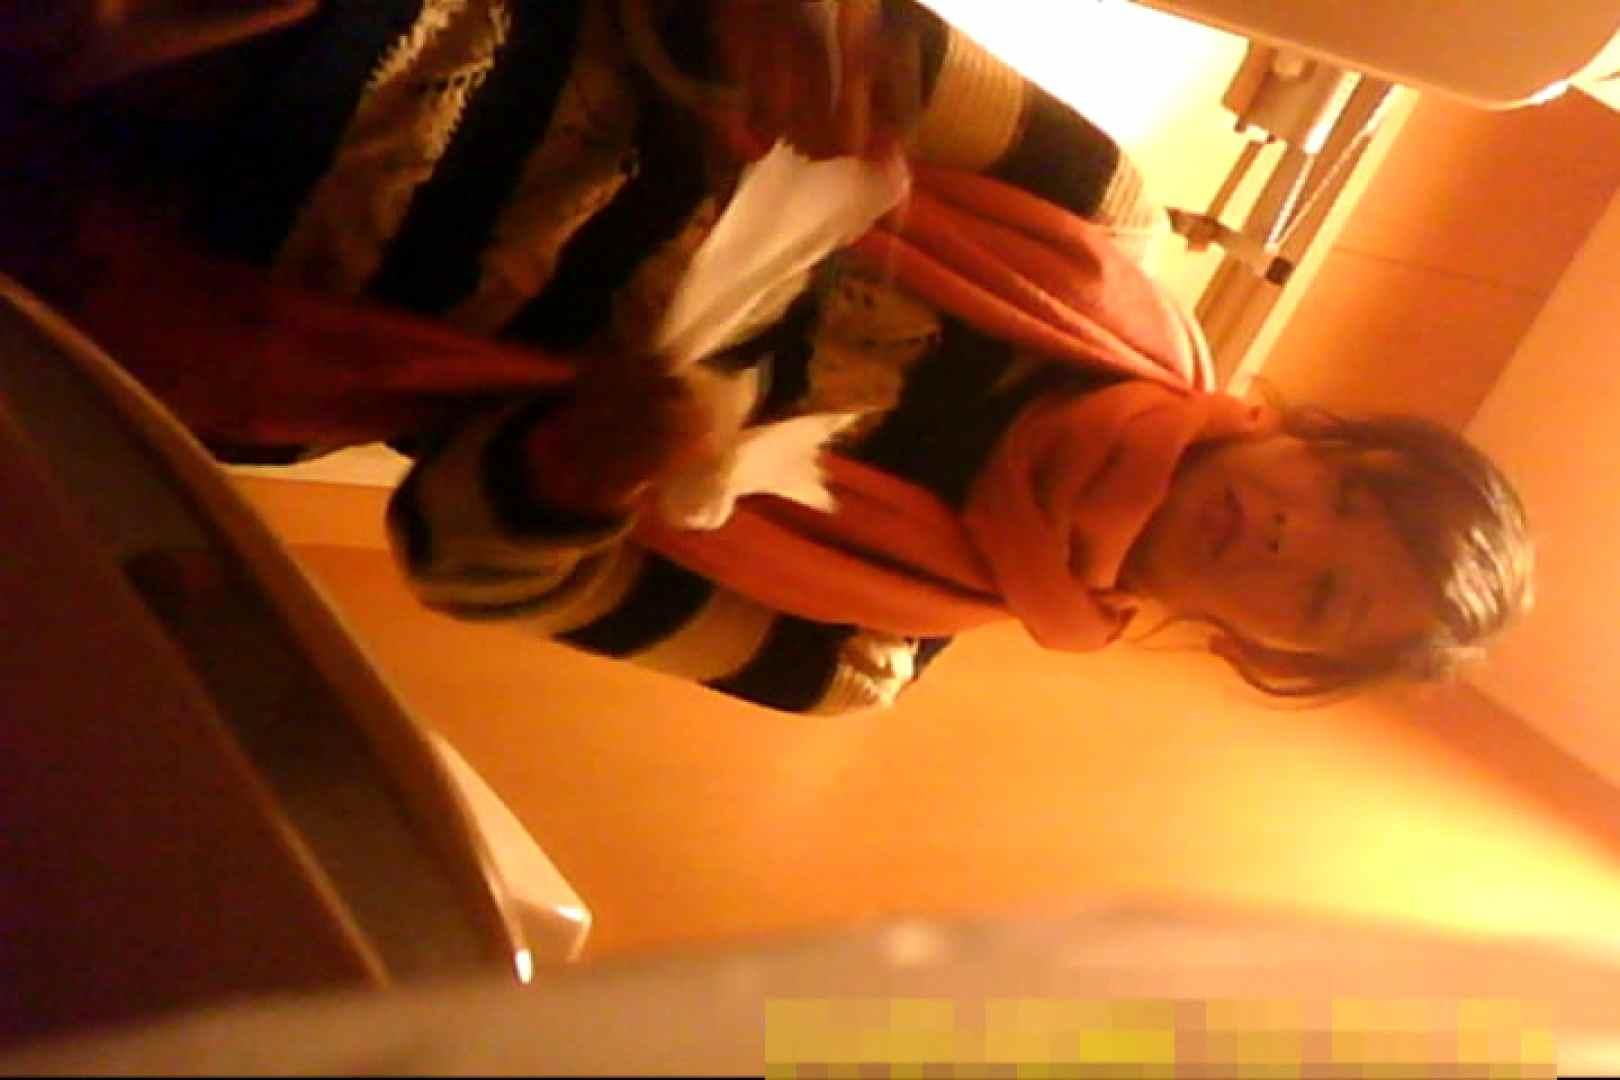 魅惑の化粧室~禁断のプライベート空間~vol.6 OLのボディ ワレメ動画紹介 103PIX 39